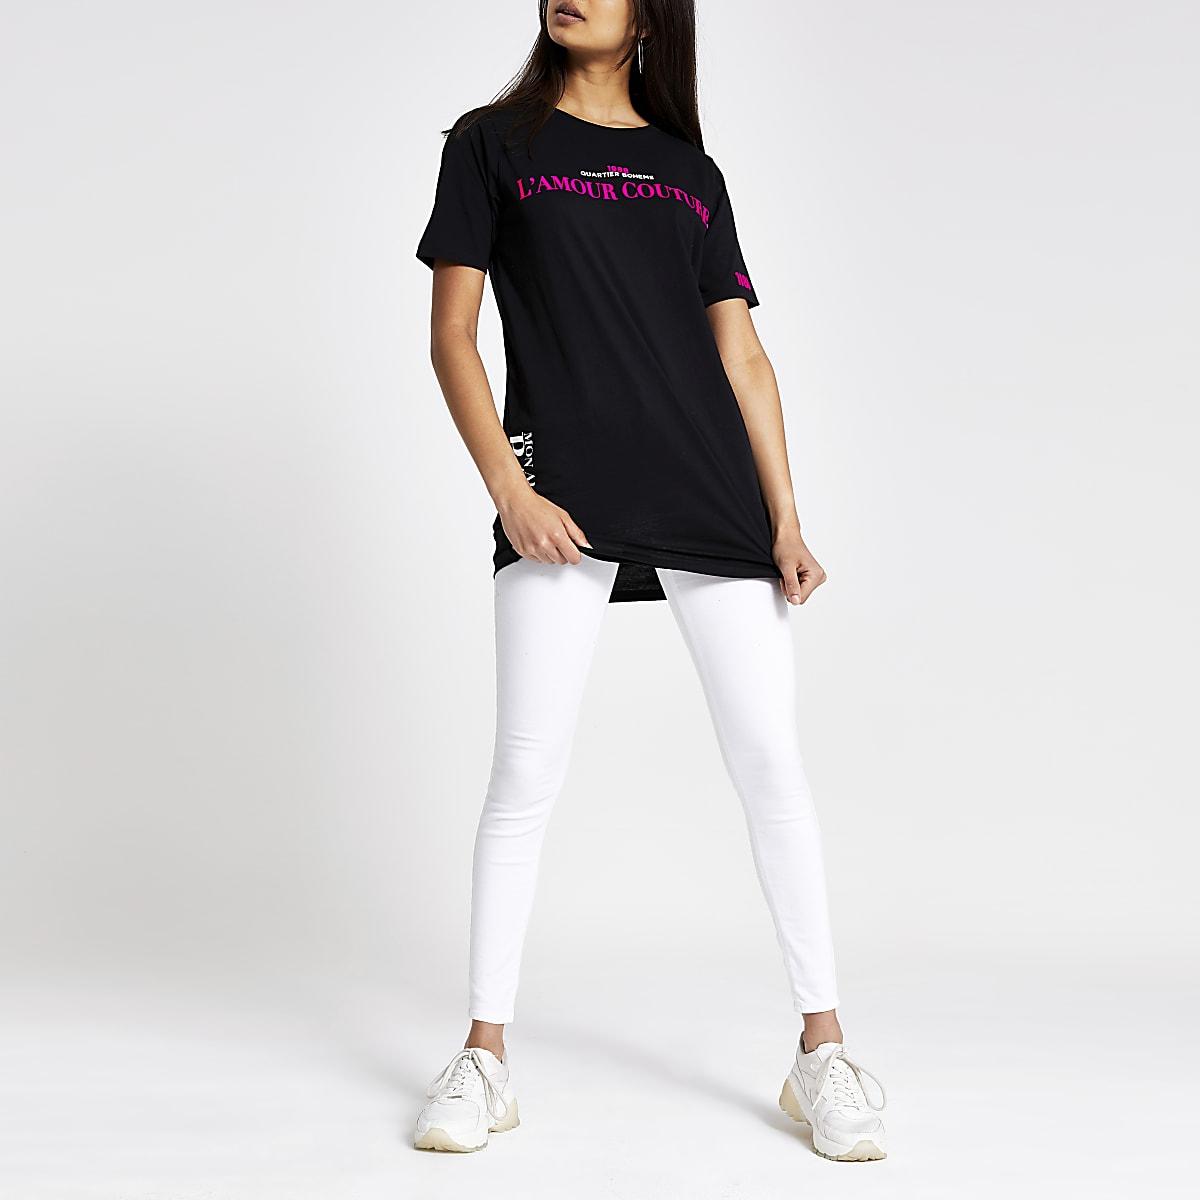 Schwarzes T-Shirt mit Neon-Print